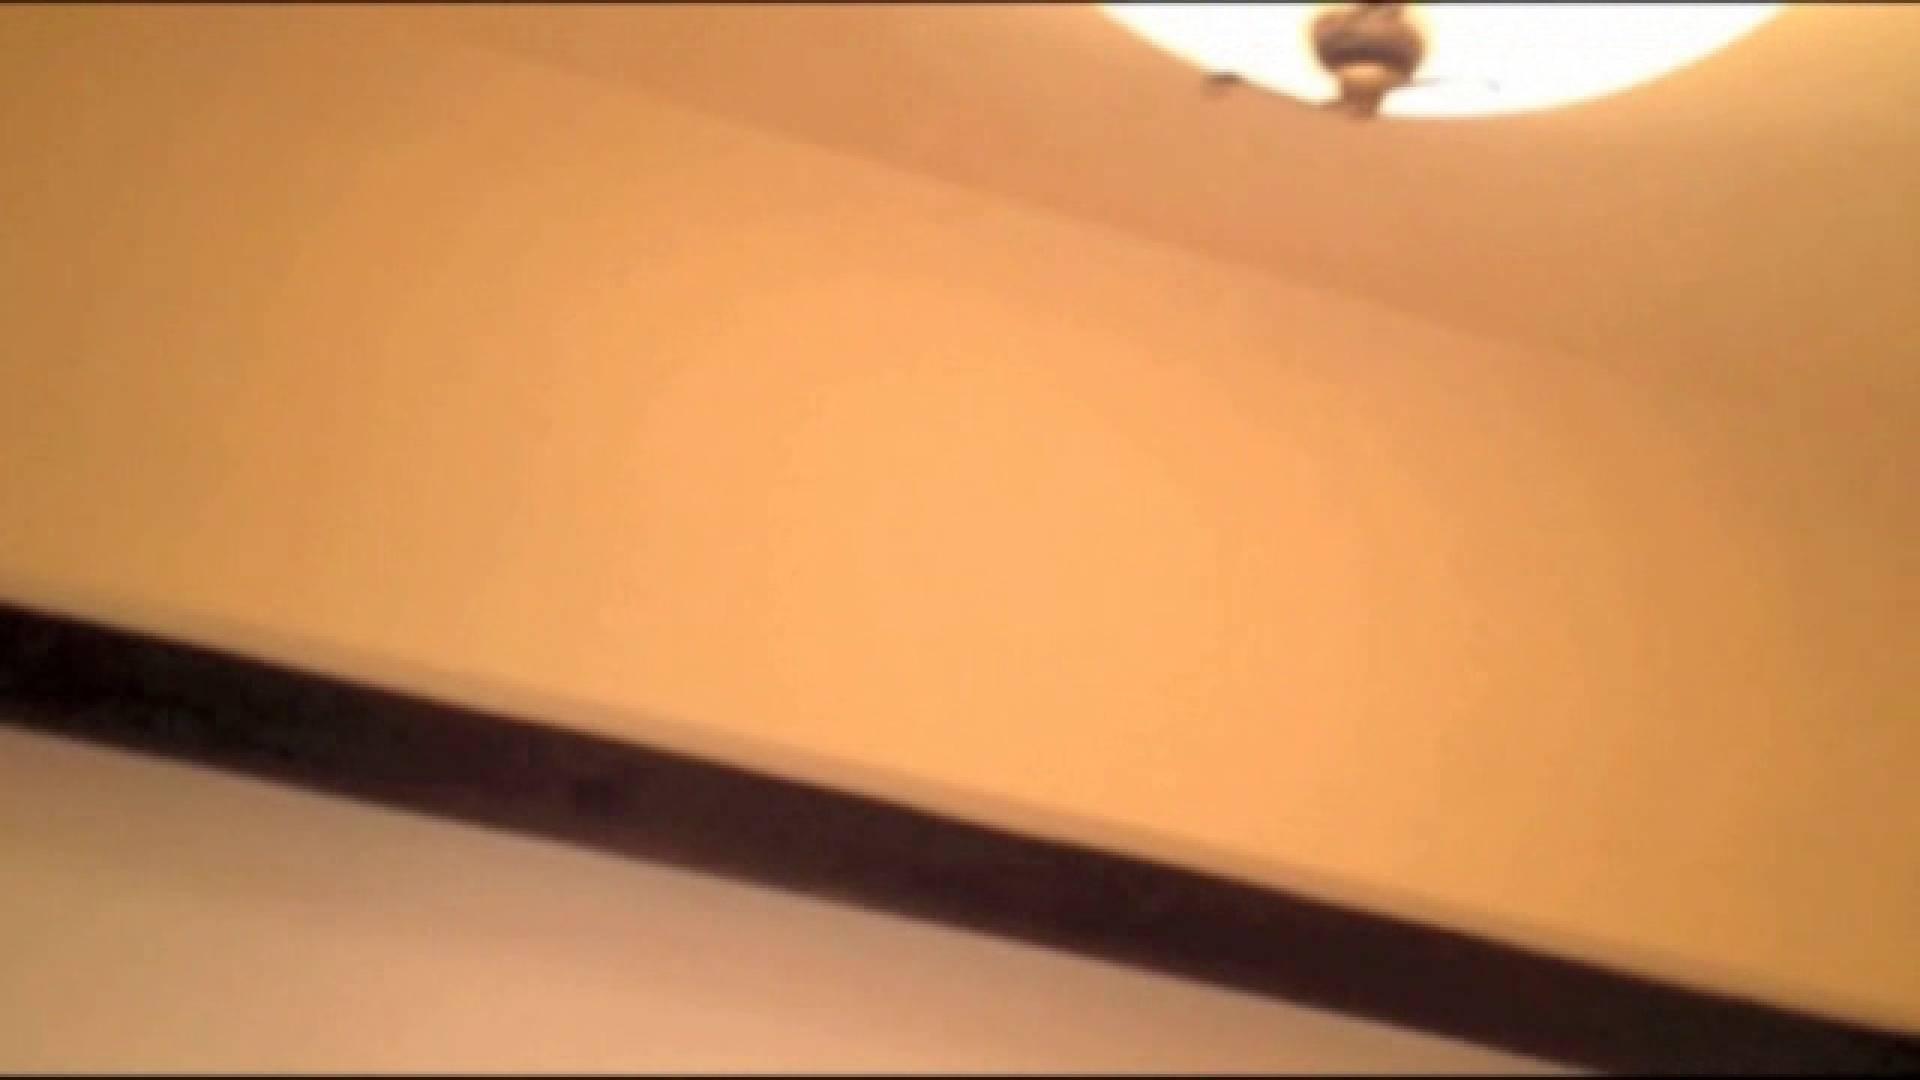 ドラゴン2世 チャラ男の個人撮影 Vol.06 超かわいい彼女 ゆいか 18才 Part.03 ついにハメ撮り ホテル潜入 | 美少女ヌード  99pic 46